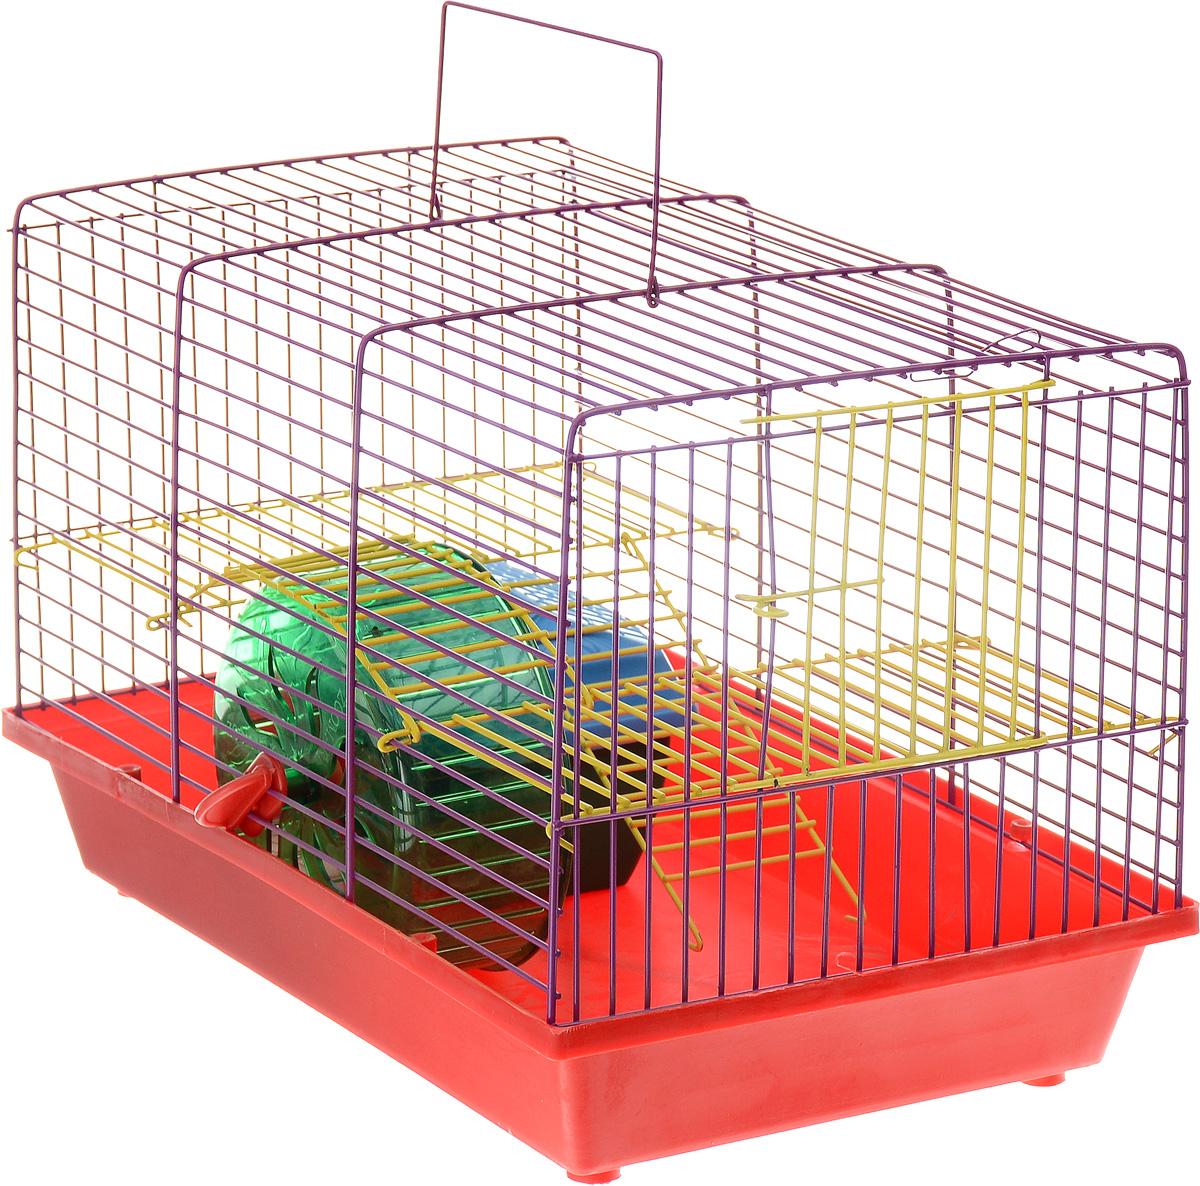 Клетка для грызунов Зоомарк Венеция, 2-этажная, цвет: красный поддон, фиолетовая решетка, желтый этаж, 36 х 23 х 24 см210_желтый, красныйКлетка Венеция, выполненная из полипропилена и металла, подходит для мелких грызунов. Изделие двухэтажное, оборудовано колесом для подвижных игр и пластиковым домиком. Клетка имеет яркий поддон, удобна в использовании и легко чистится. Сверху имеется ручка для переноски. Такая клетка станет уединенным личным пространством и уютным домиком для маленького грызуна.